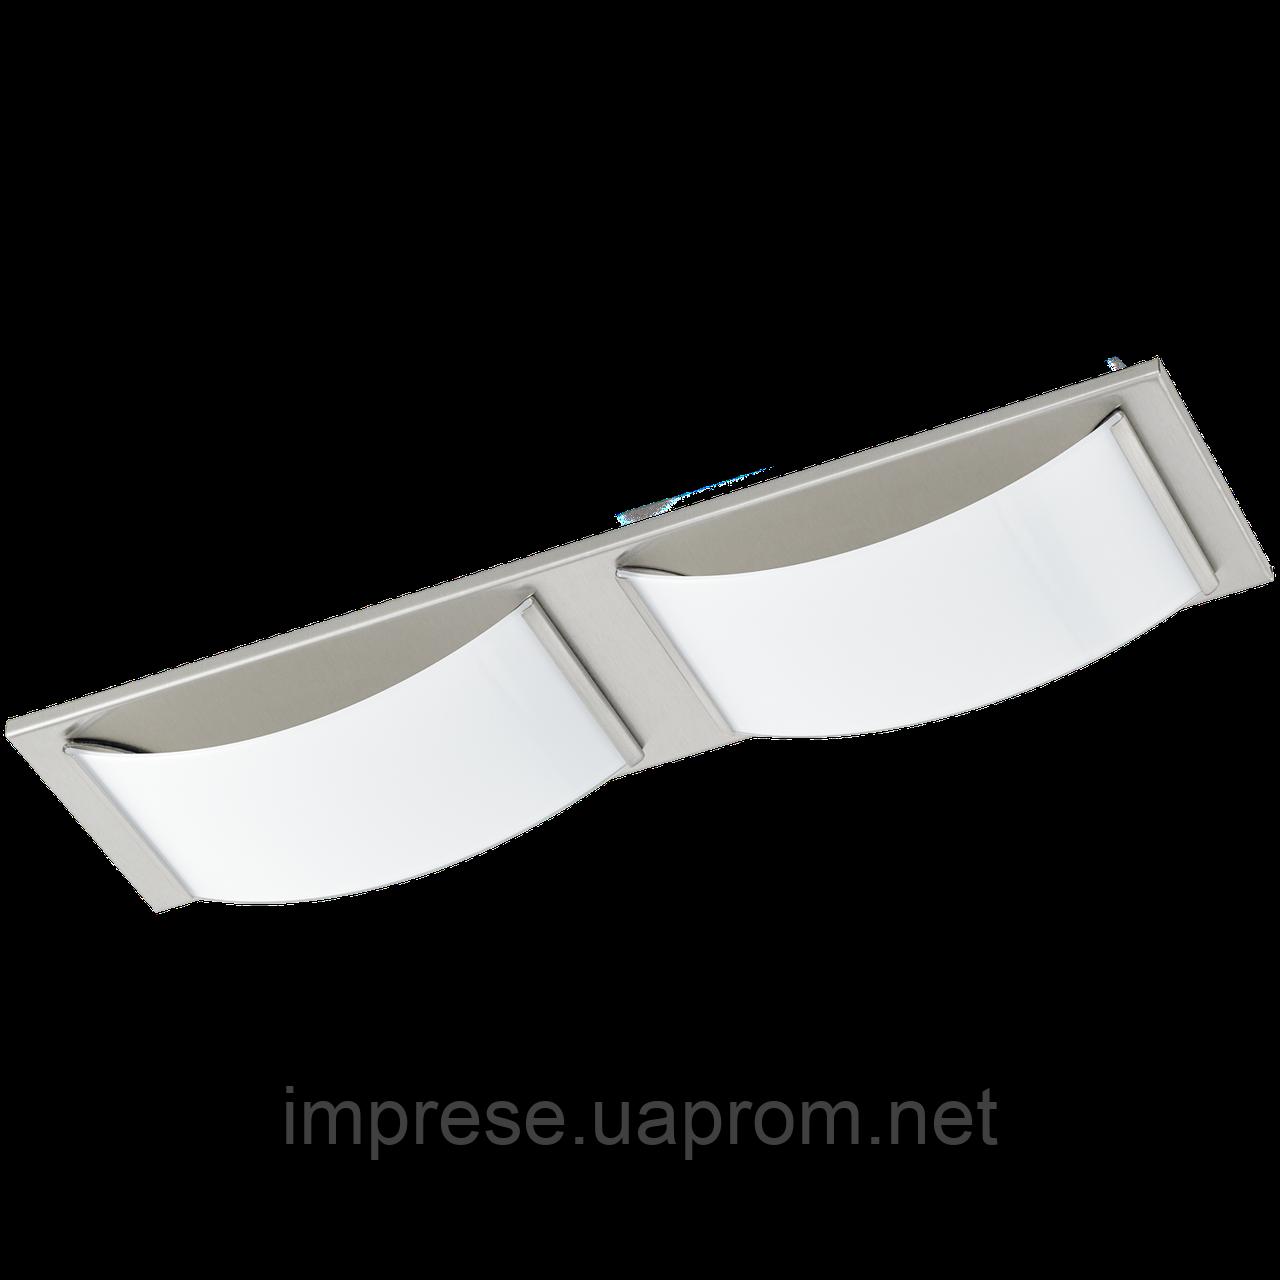 Настенно-потолочный светильник Eglo WASAO 1 94886